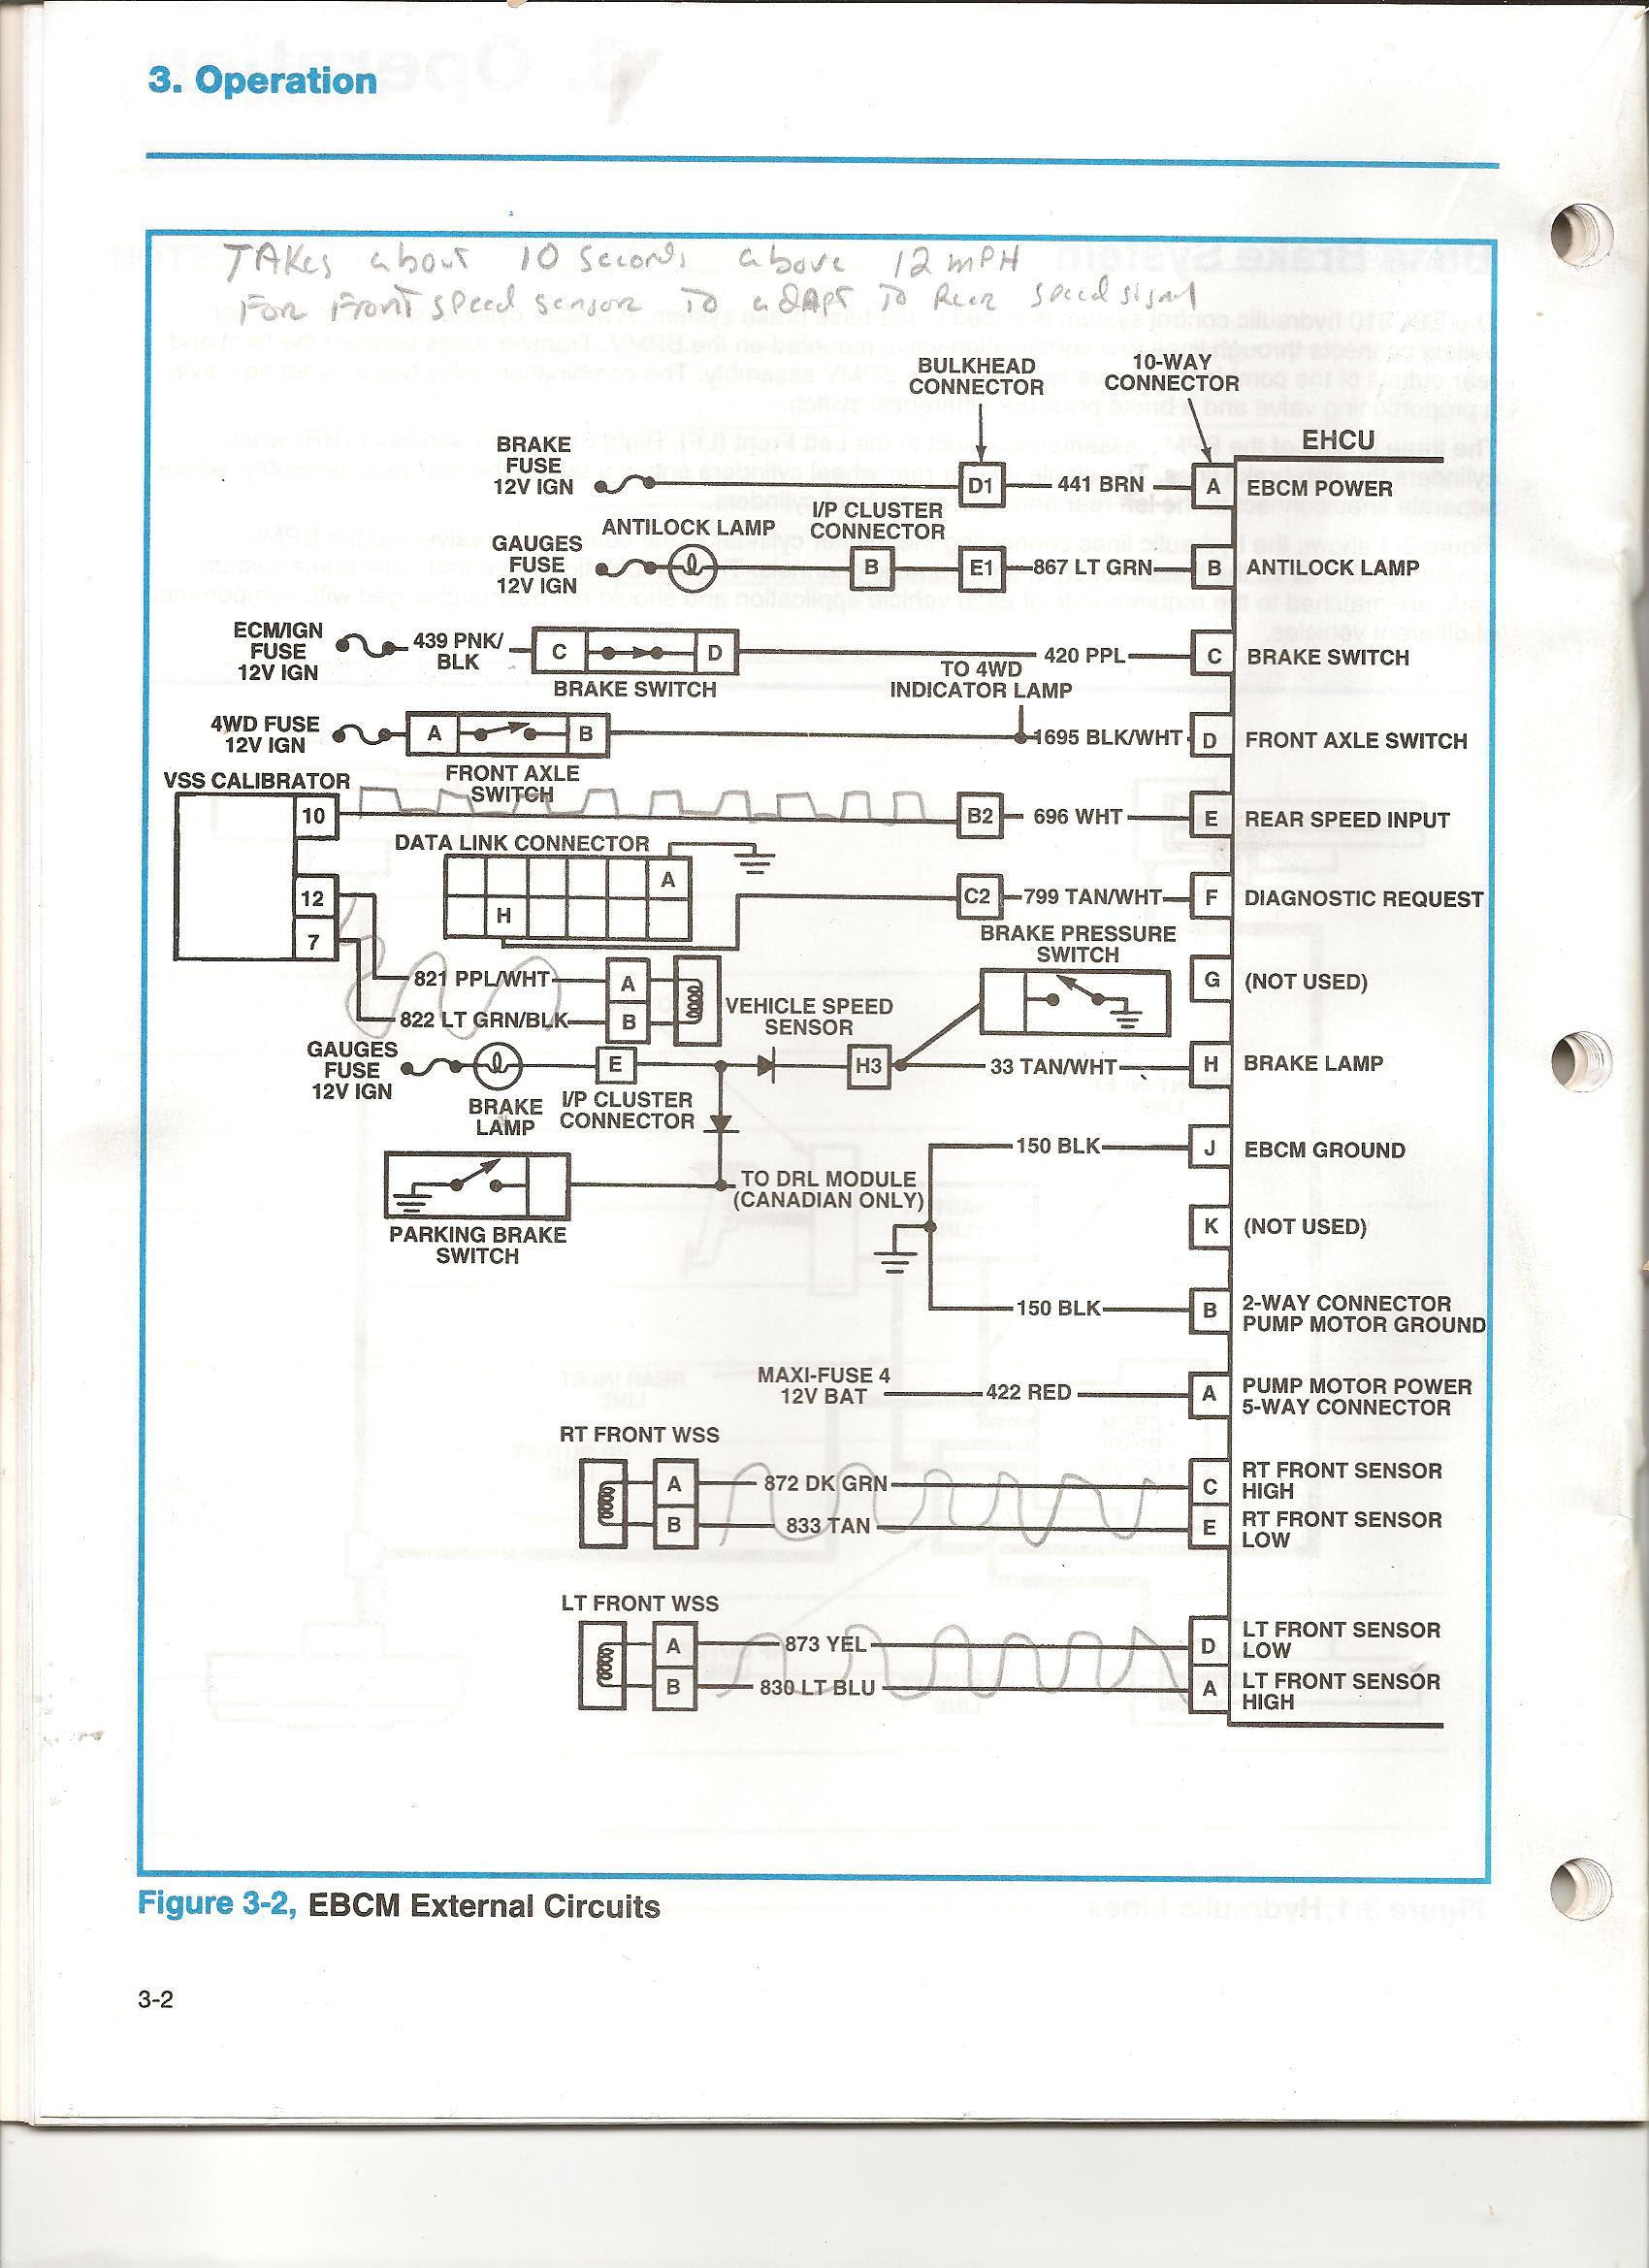 18 Inspirational Kelsey Brake Controller Wiring Diagram